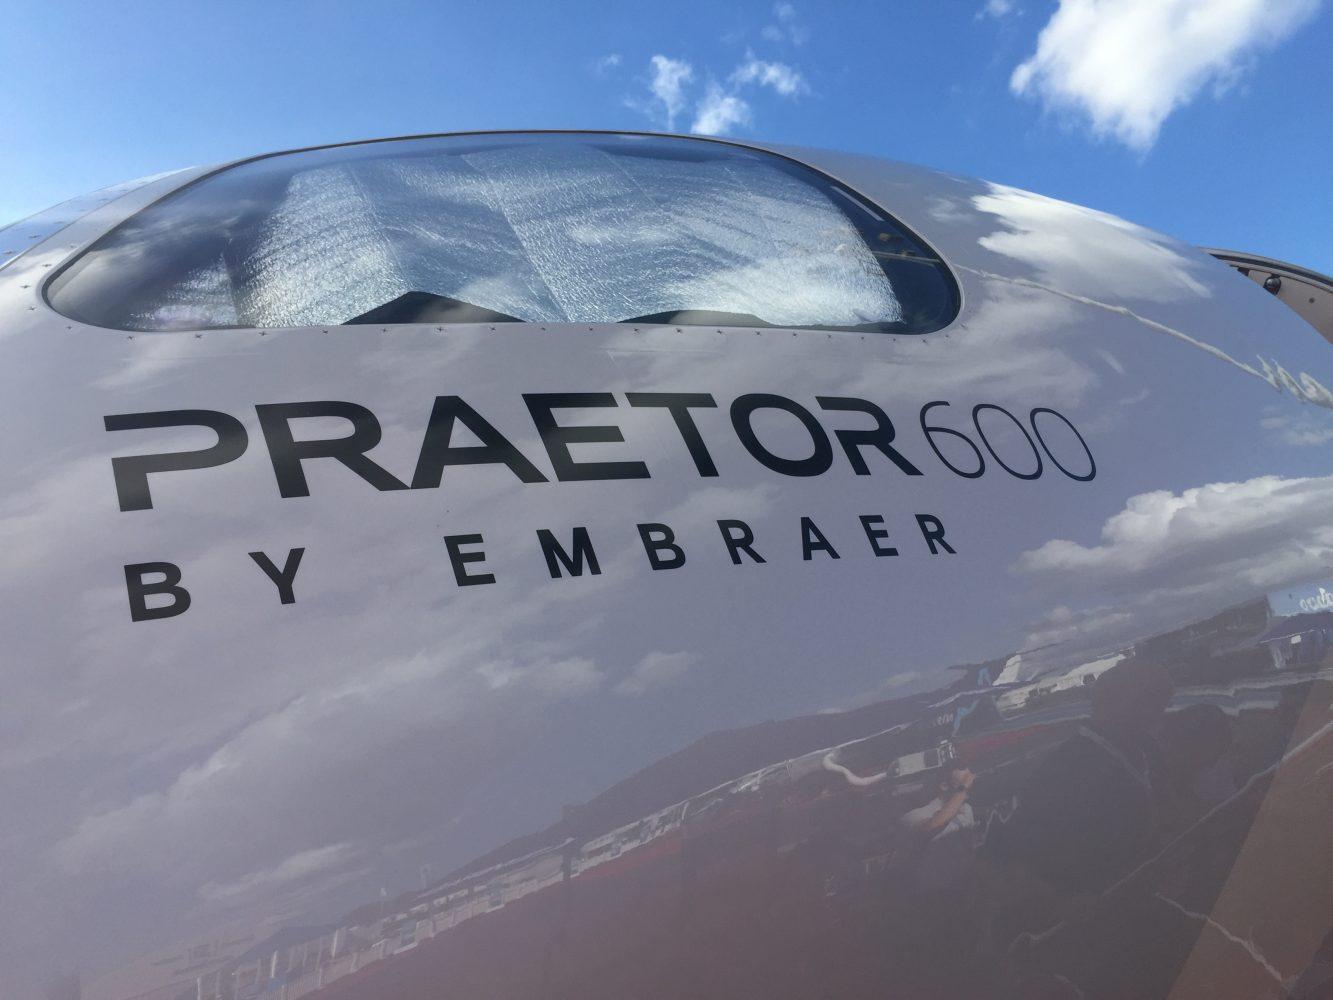 Embraer Praetor 600 Logo - Altivation Aircraft